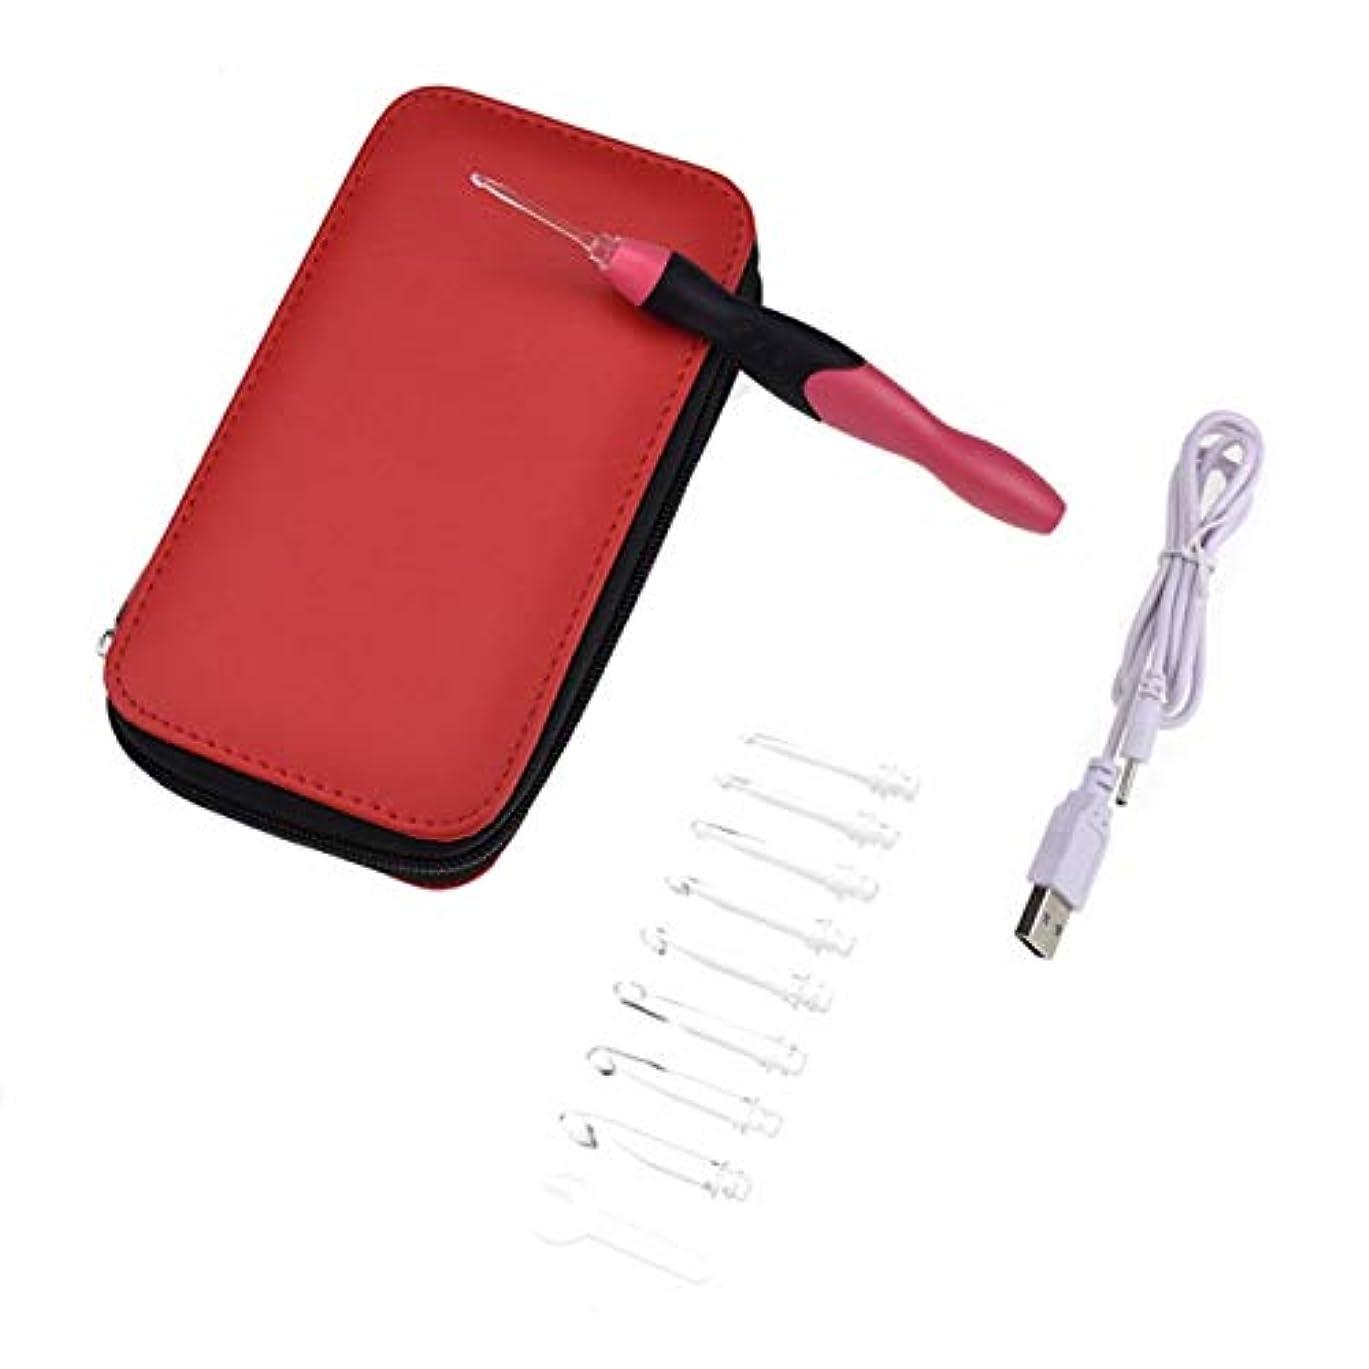 温帯あそこ寄託Saikogoods USB充電式 ライトアップかぎ針編みのフックセット 収納袋付き9つの交換可能チップ LEDニッティング ソーイングクラフトツール 赤 黒